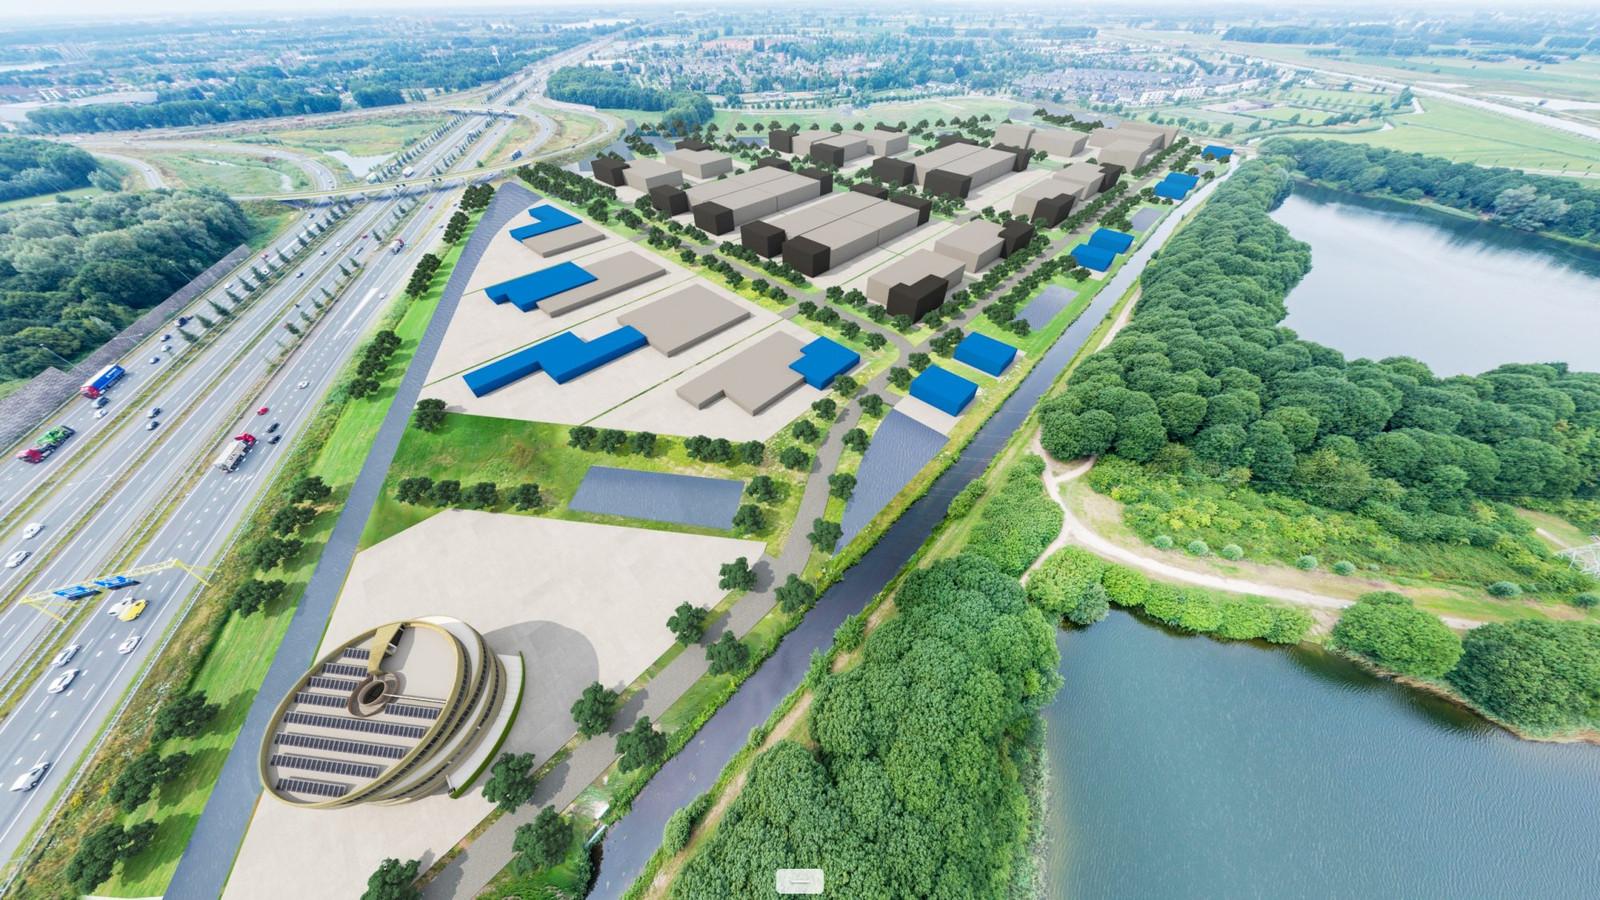 Visualisatie van bedrijventerrein Rosmalense Plas langs de A2 bij Empel. De groene strook daarboven is Empel-Zuid.